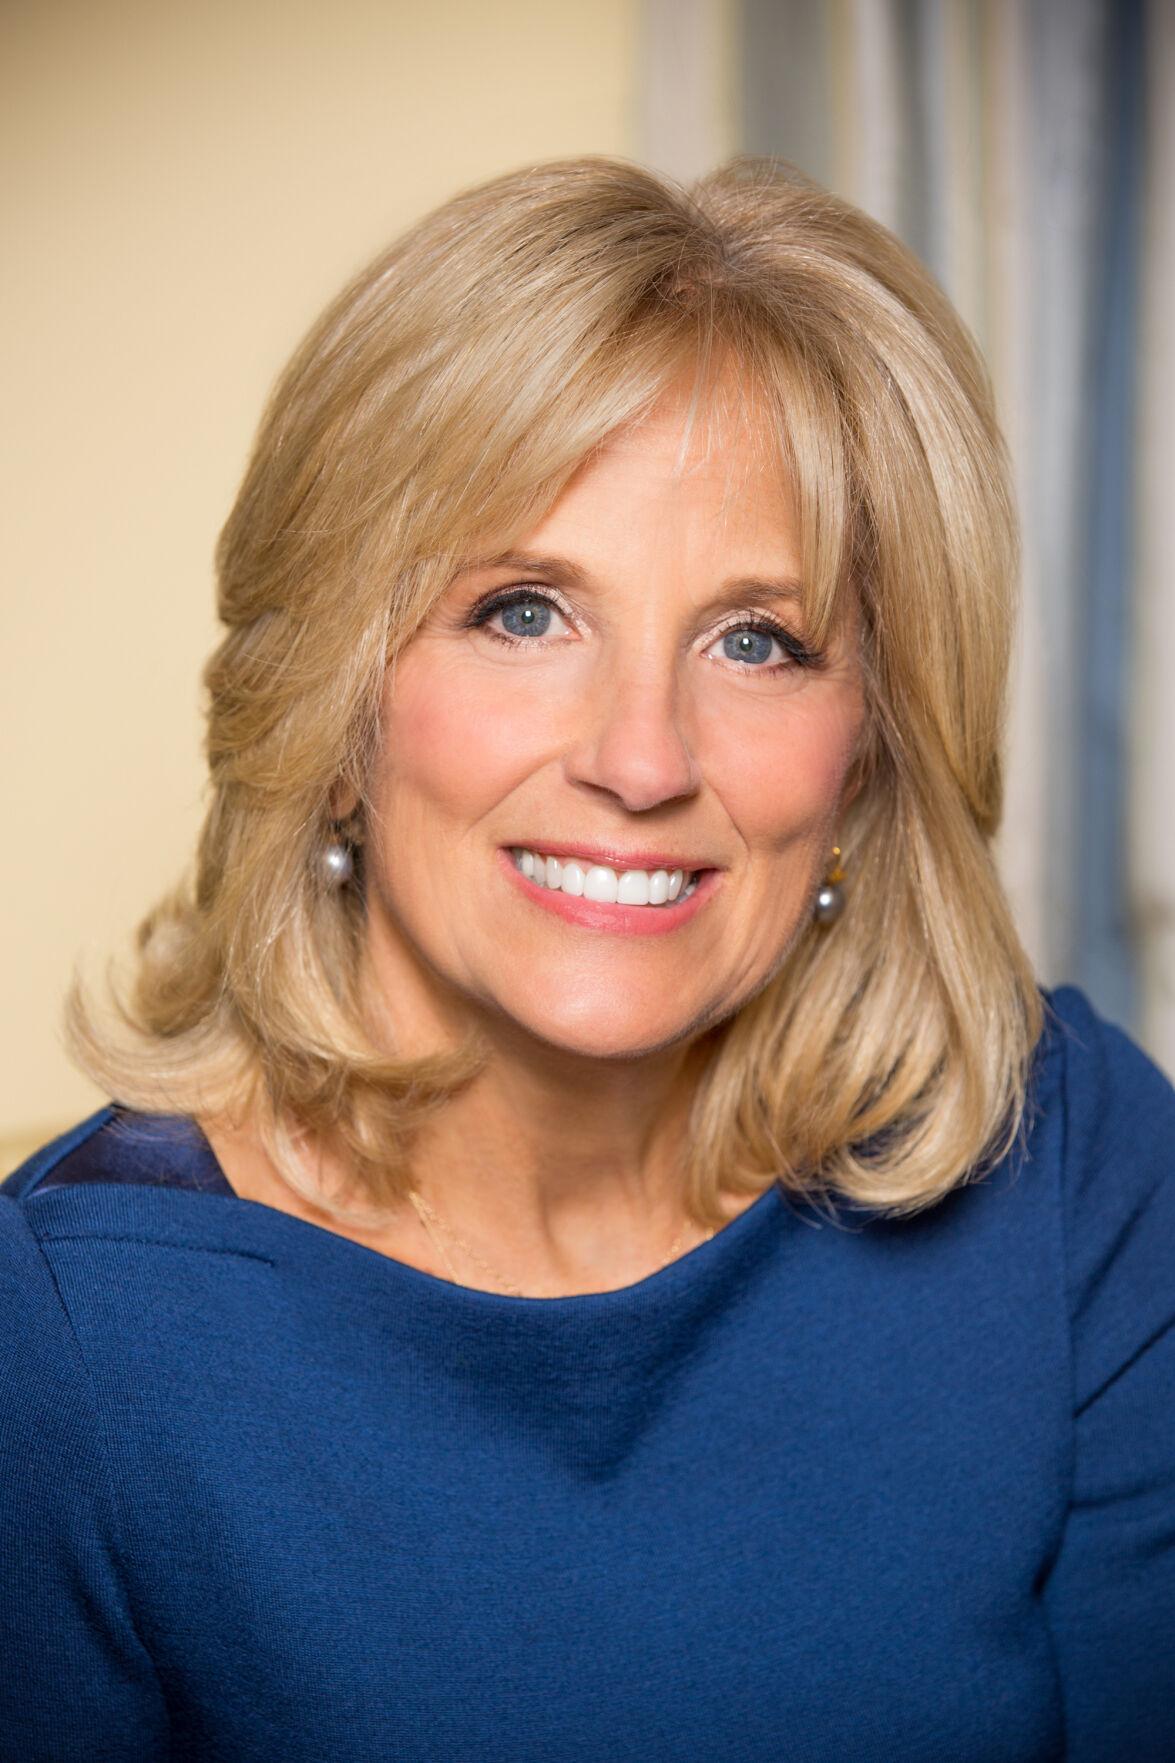 Jill_Biden_official_portrait_2.jpg